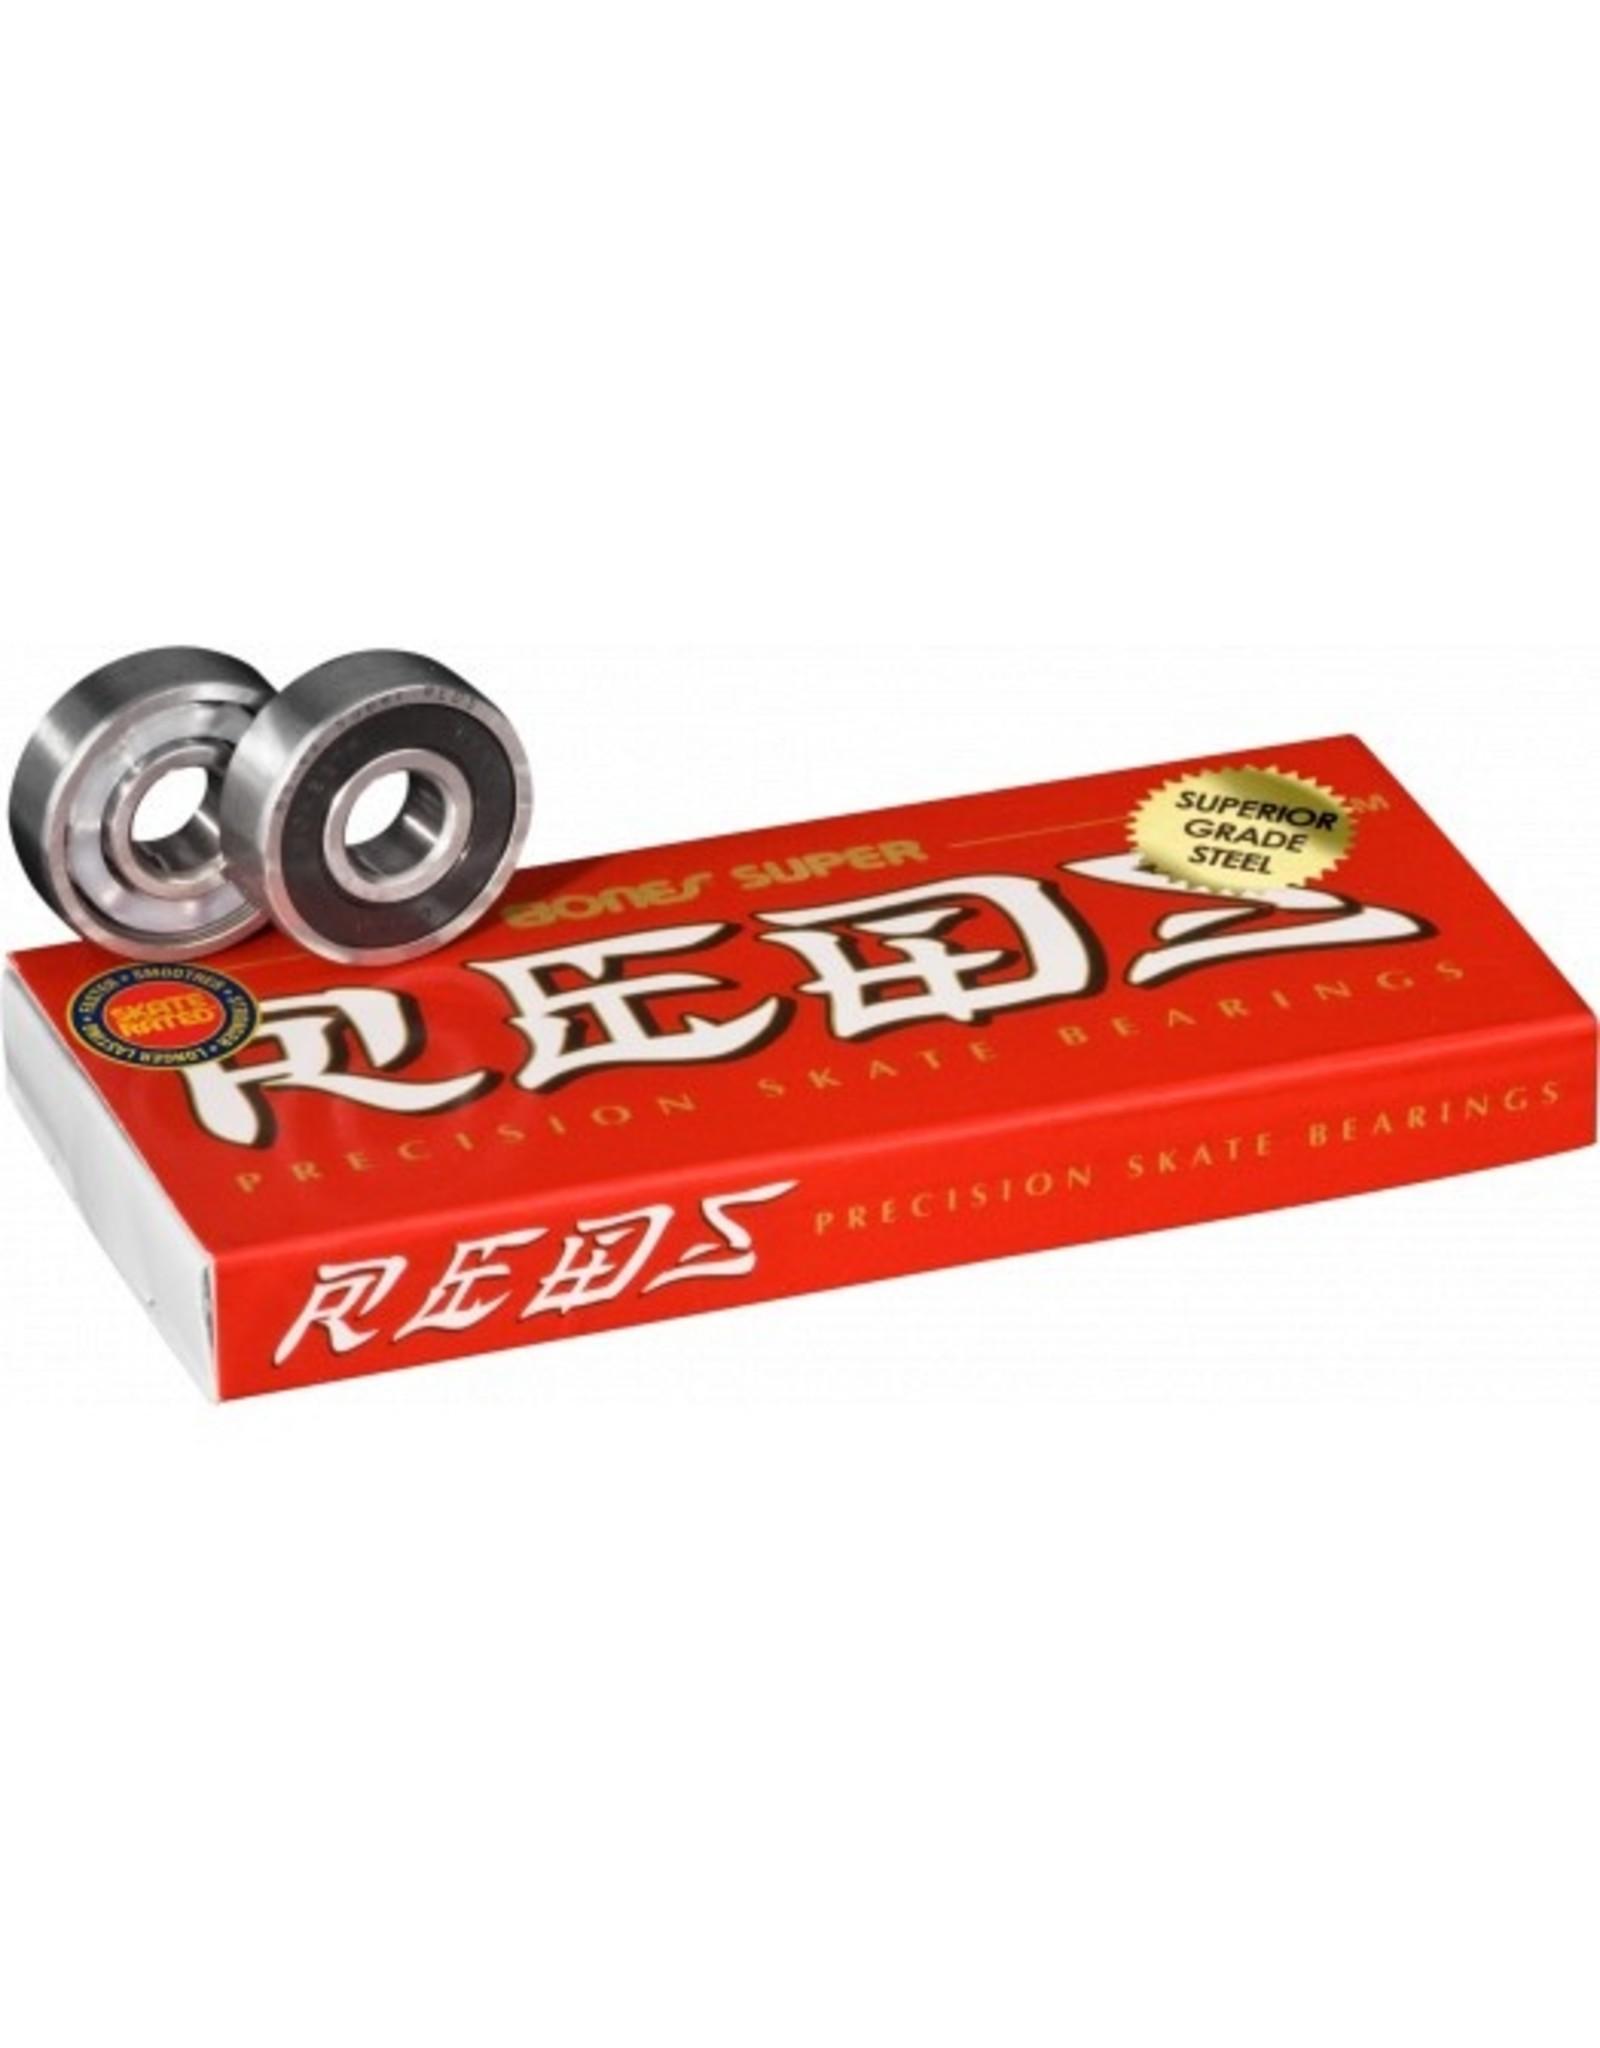 BONES BONES - SUPER REDS BEARINGS